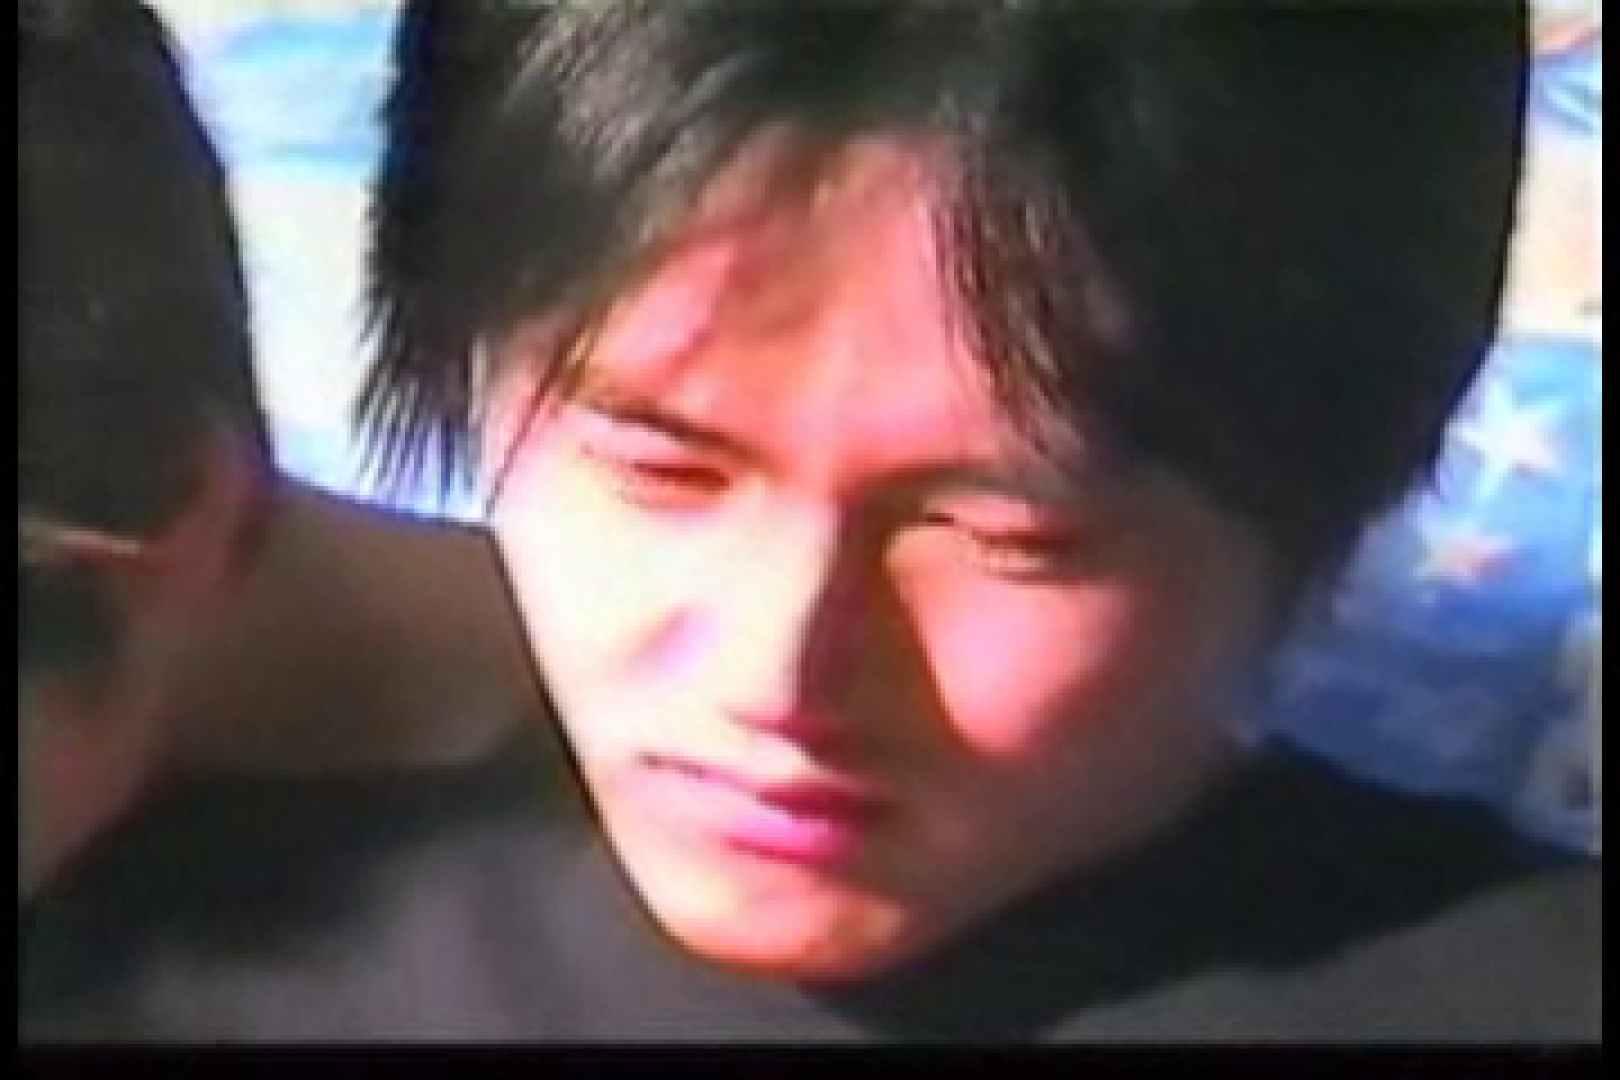 【投稿作品】秘蔵流出ビデオ!!甘い追憶 手コキ ゲイ無修正ビデオ画像 94pic 2